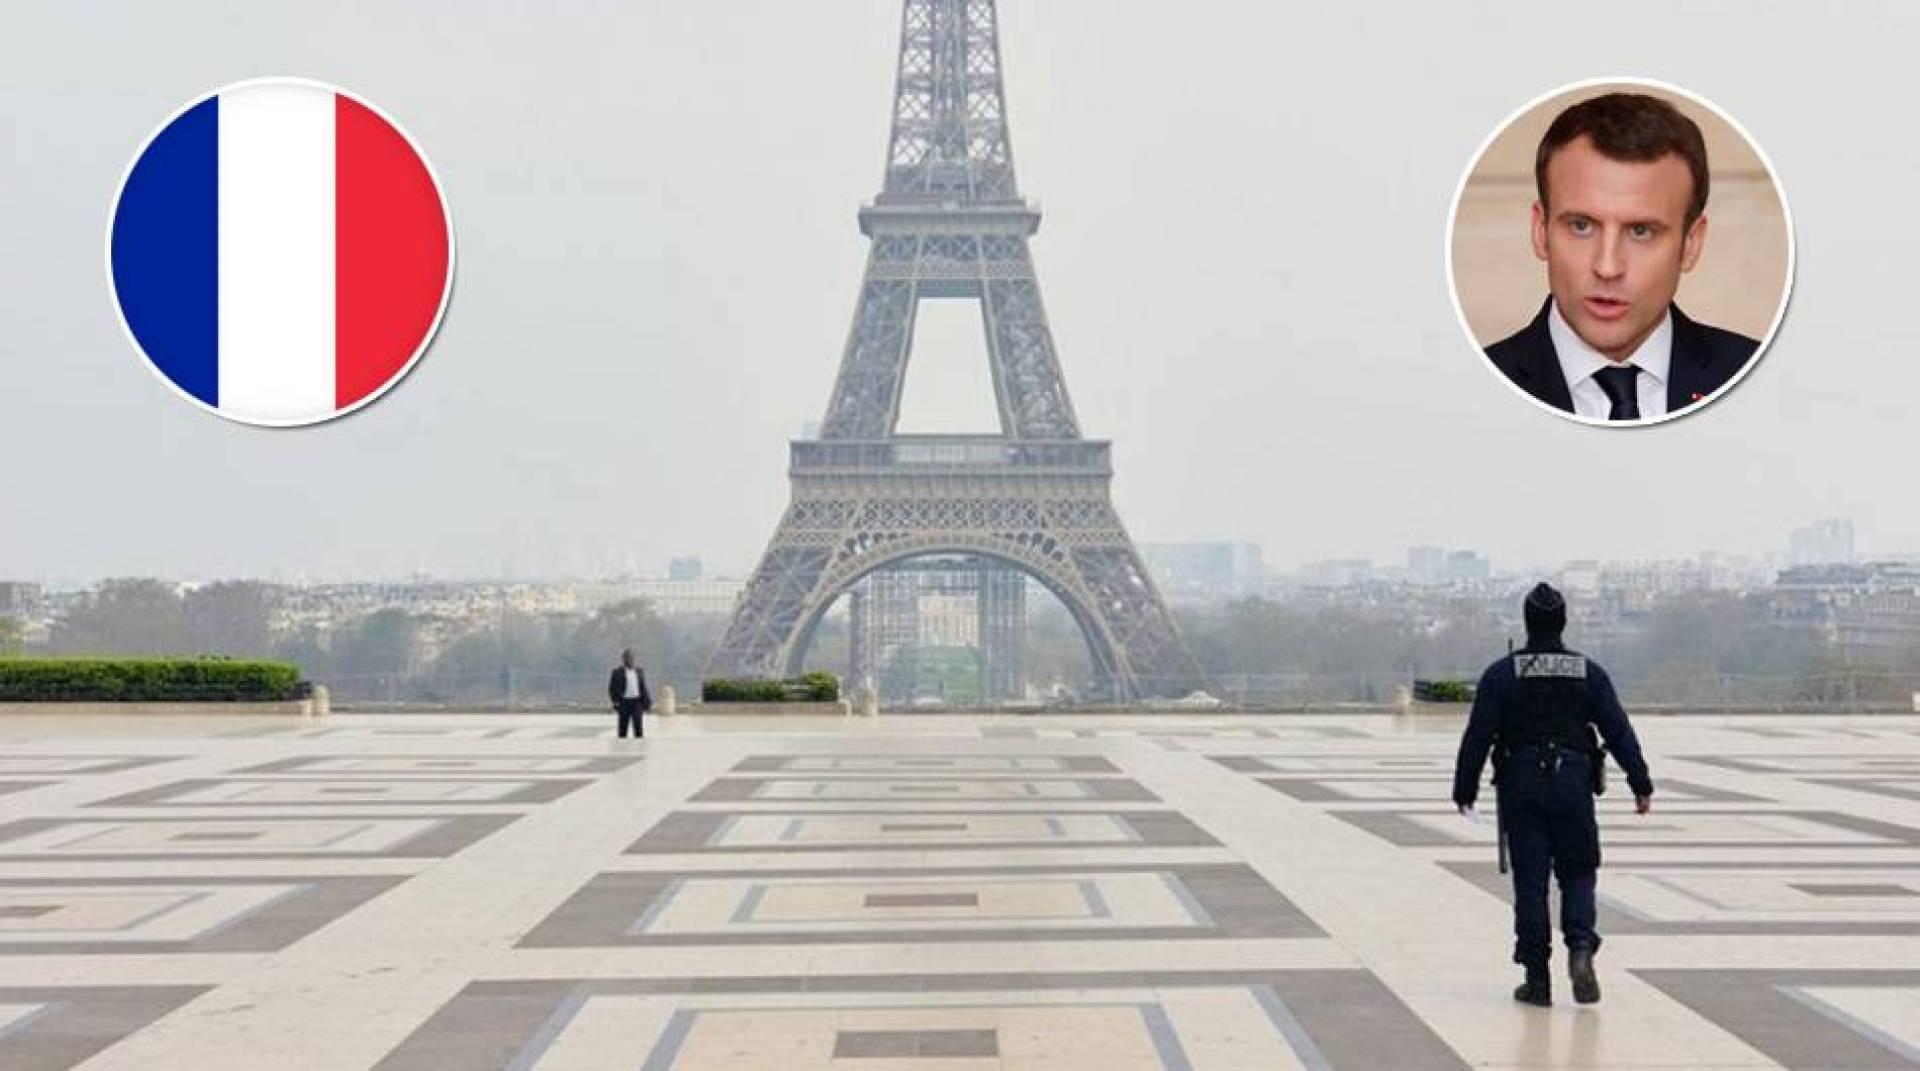 ماكرون يعلن حظر تجوال ليلي في باريس وعدد من المدن الفرنسية